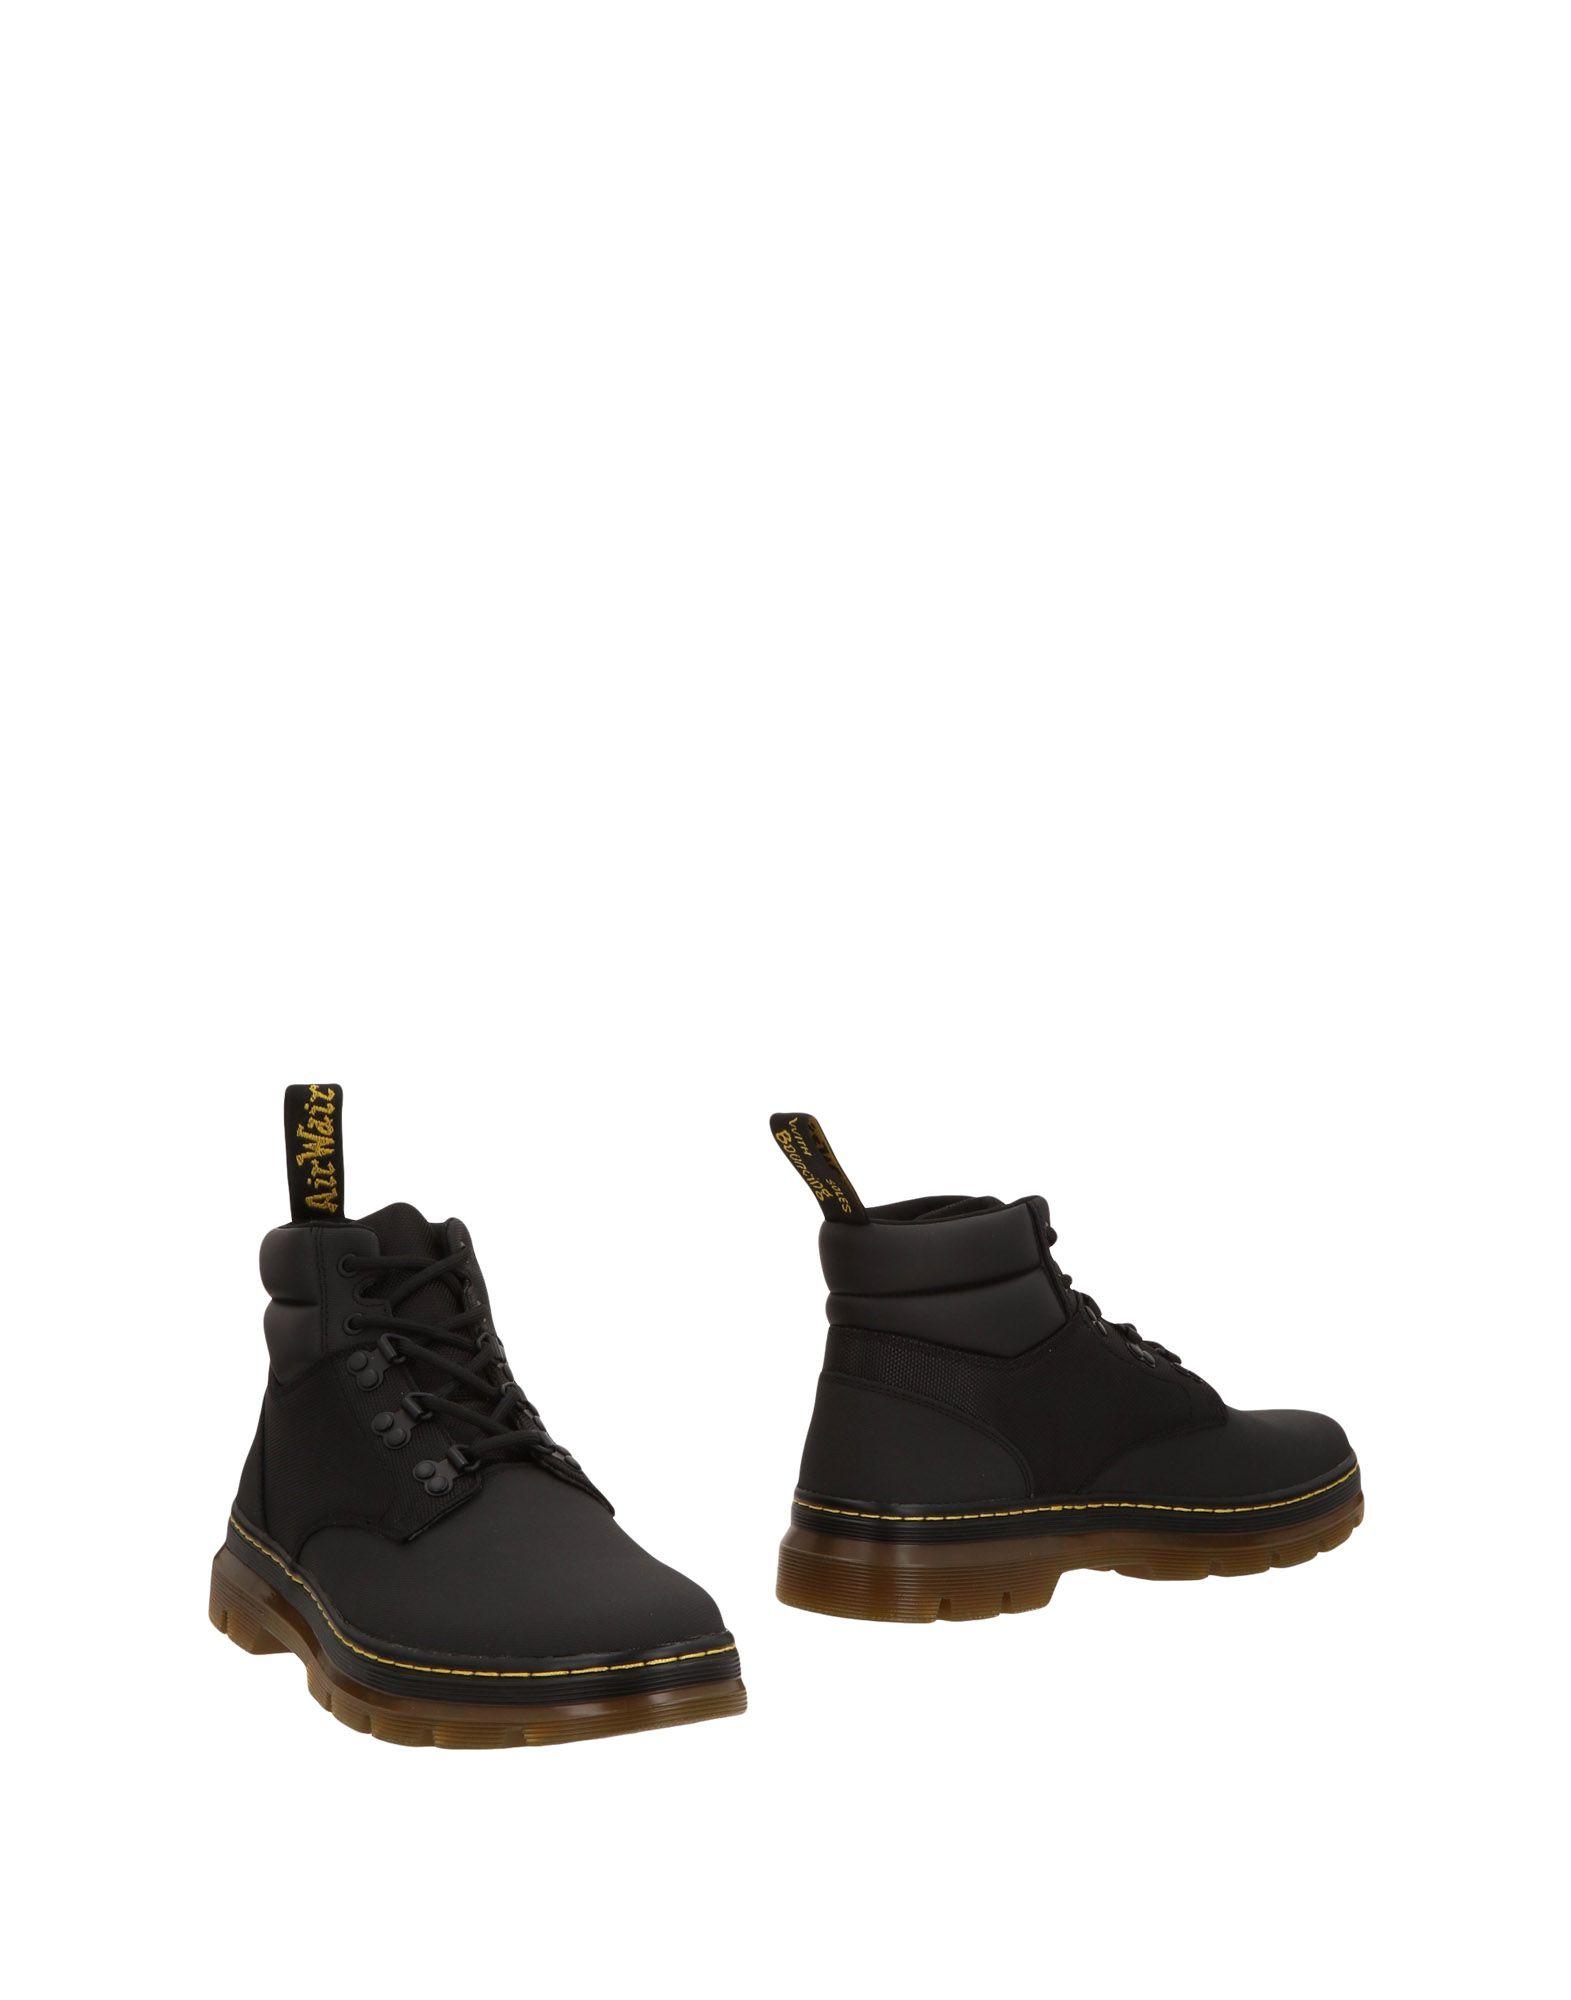 Dr. Martens Stiefelette Herren  11465602EI Neue Schuhe